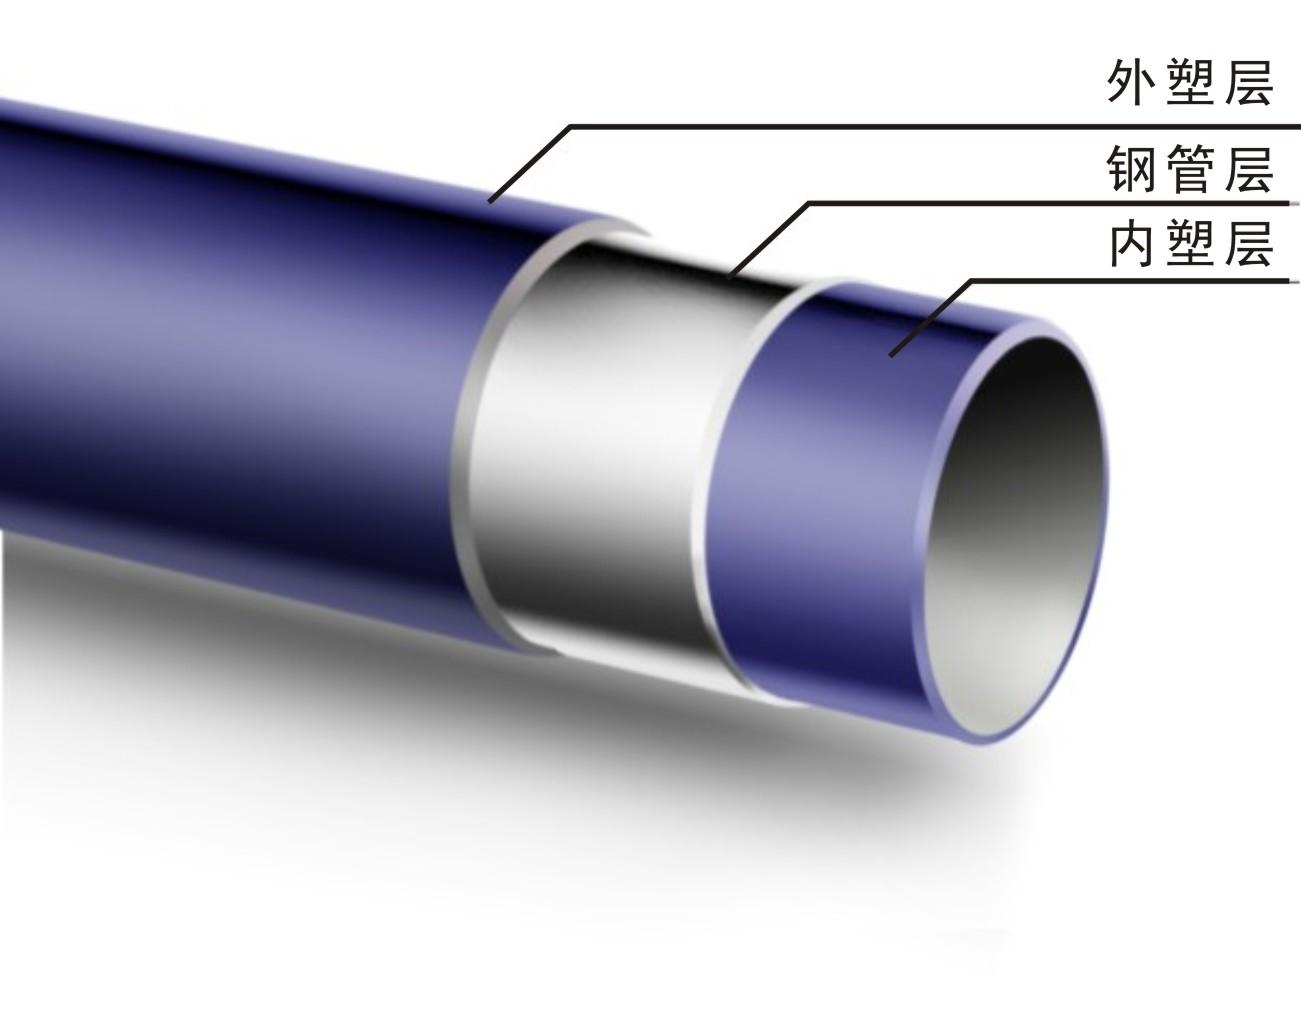 涂塑钢管对我们日常生活的影响